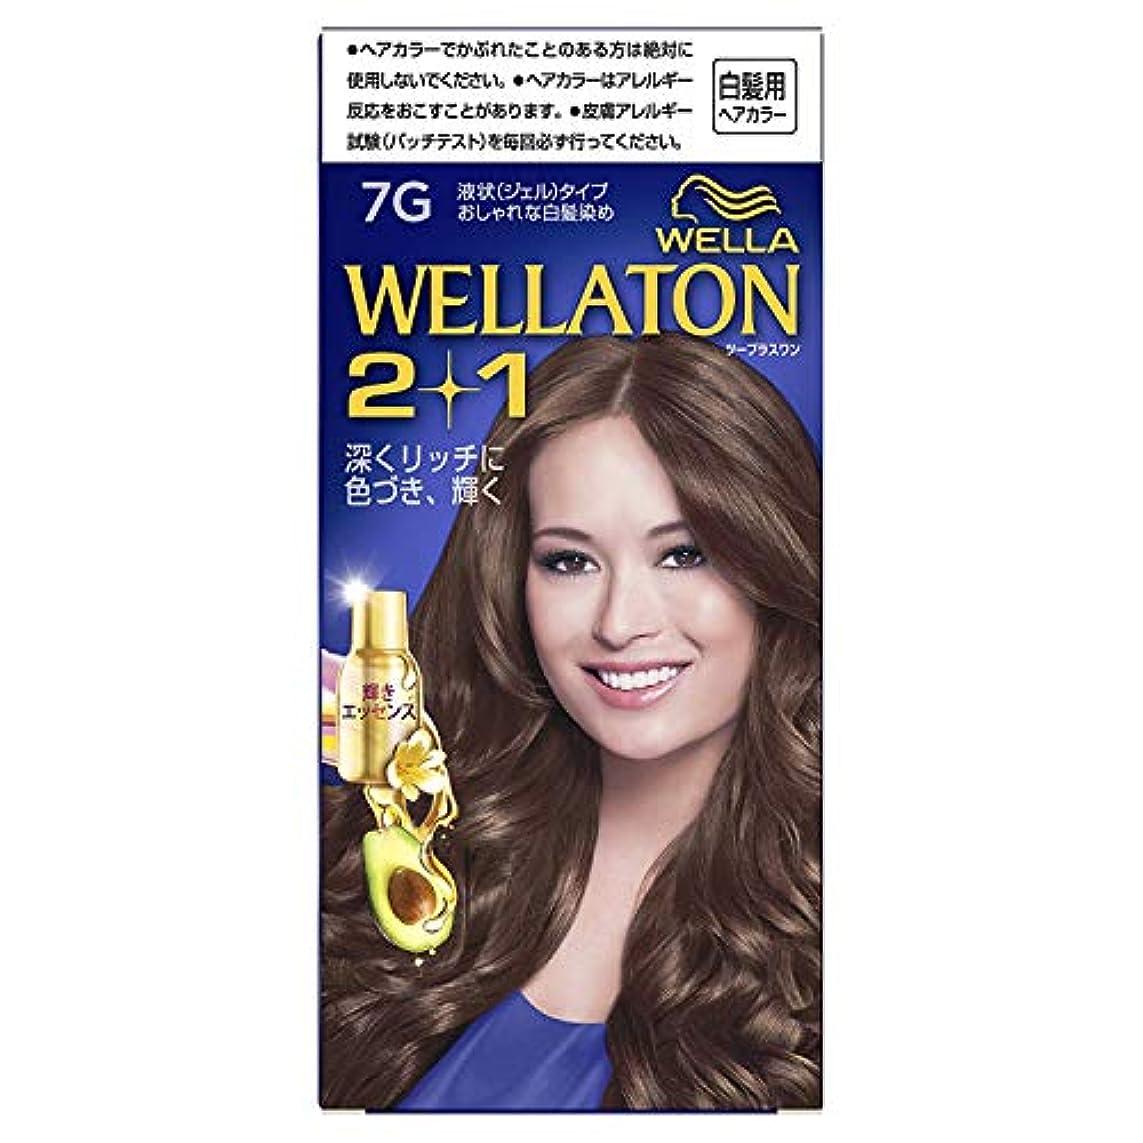 促進する摘む種類ウエラトーン2+1 白髪染め 液状タイプ 7G [医薬部外品] ×6個